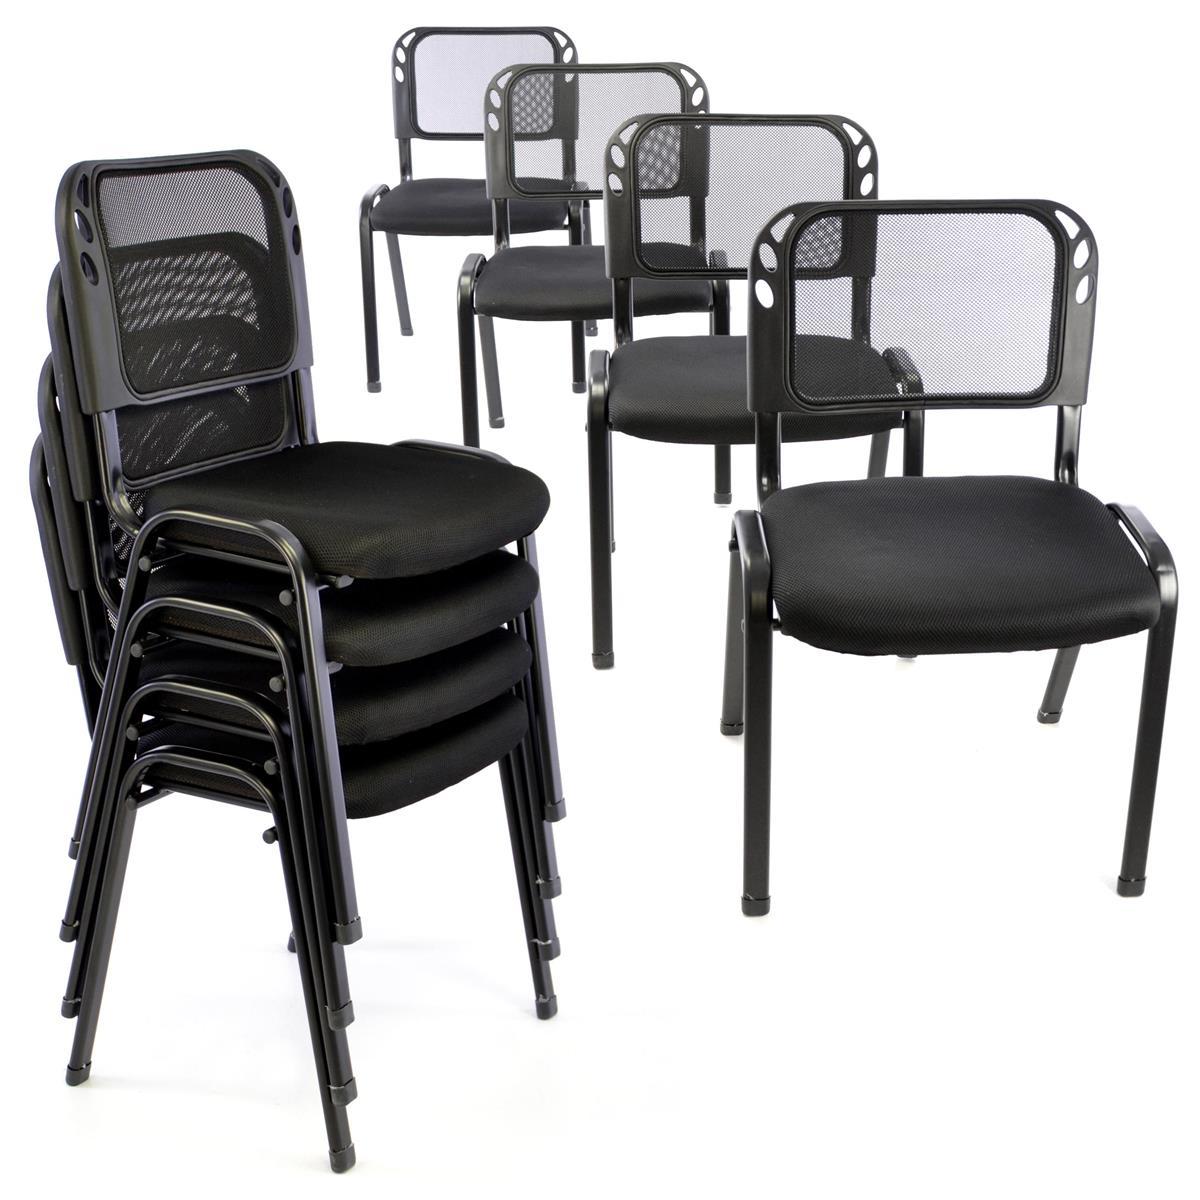 Besucherstuhl 8er Set Konferenzstuhl Sitzfläche Schwarz gepolstert stapelbar